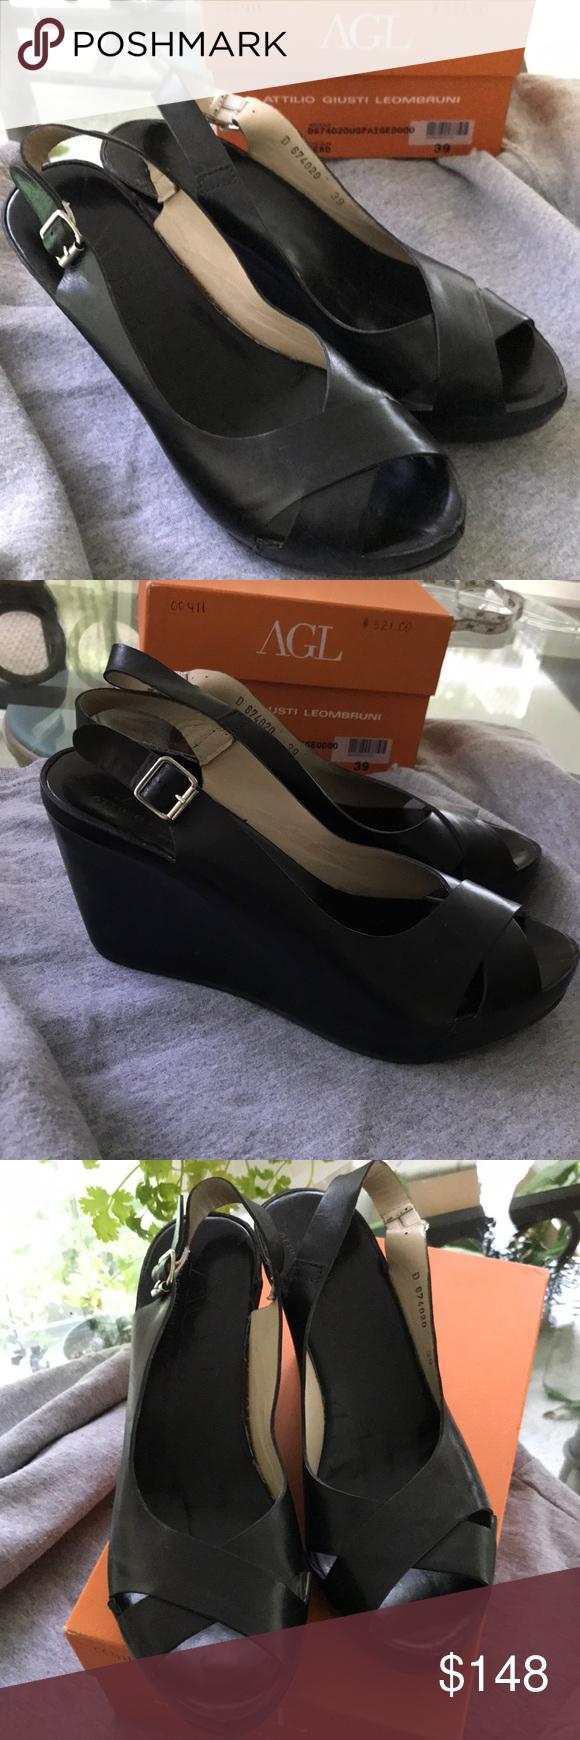 AGL Cap Toe Ballet Flats Lattice Weave Sz 36.5/6.5